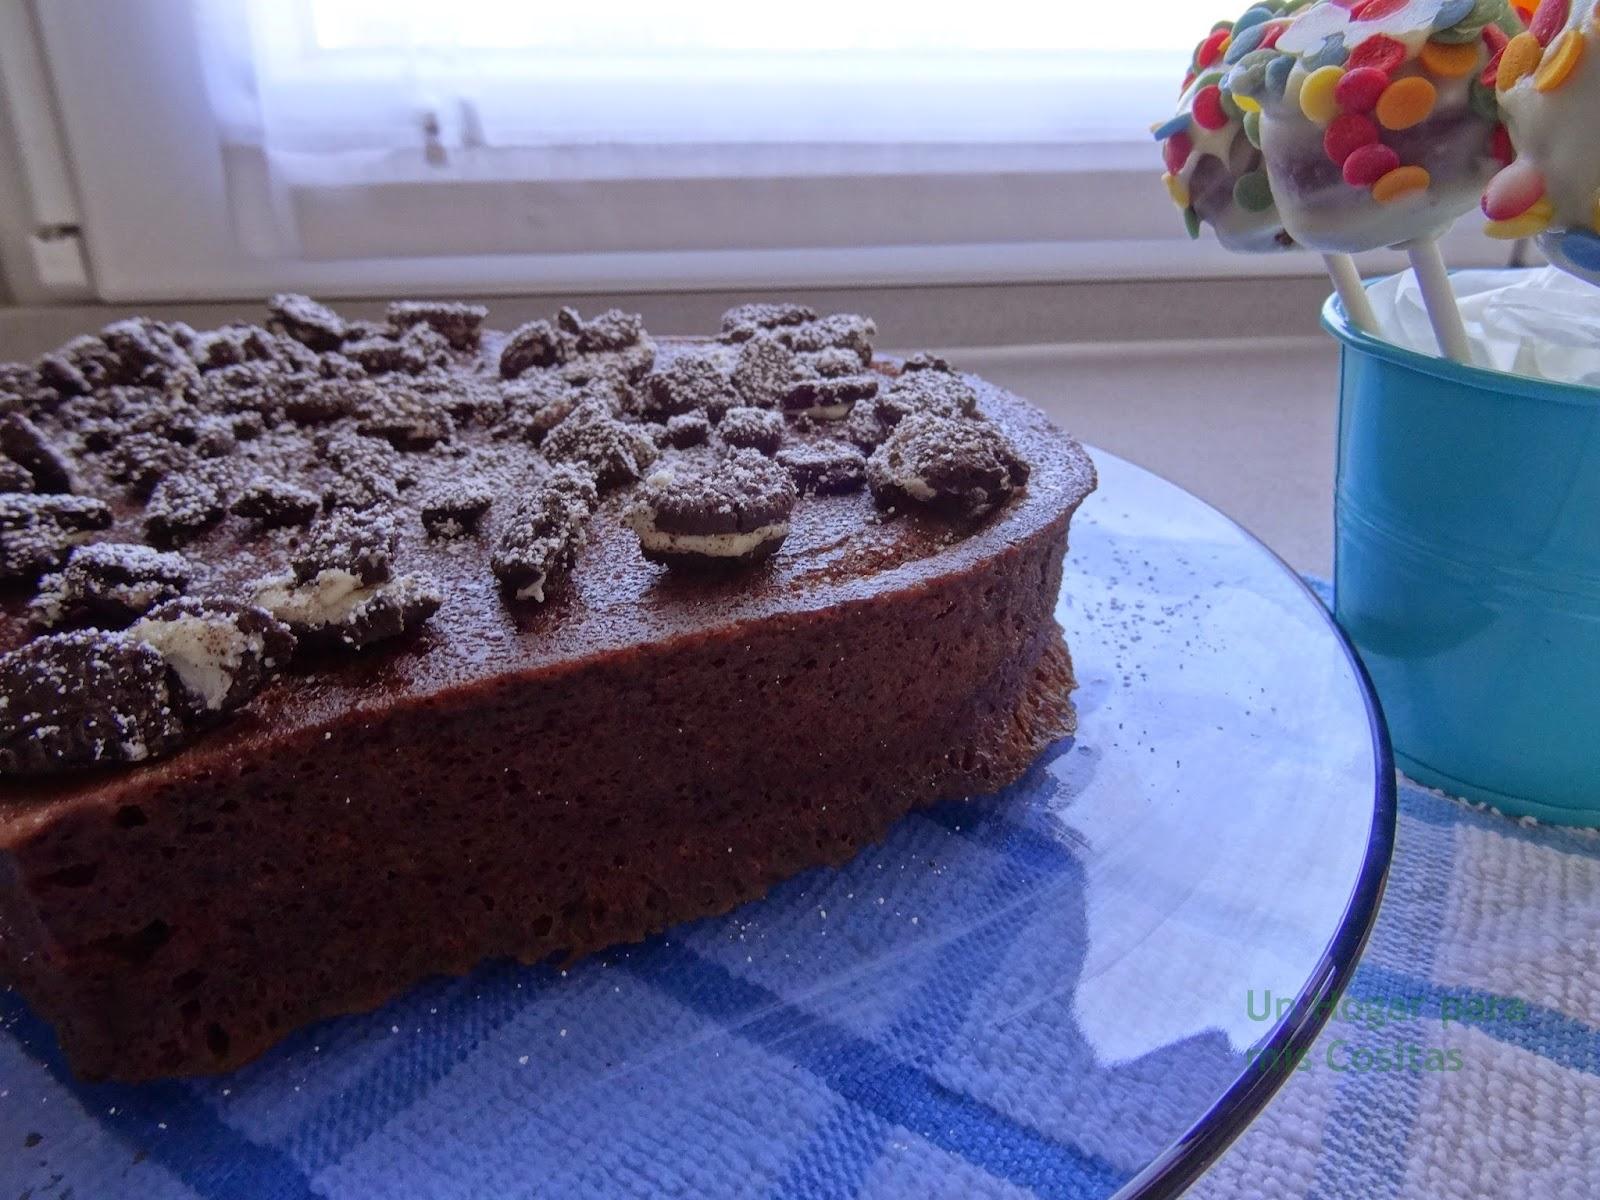 Un hogar para mis cositas bizcocho chocolate en 5 minutos - Bizcocho microondas 3 minutos ...